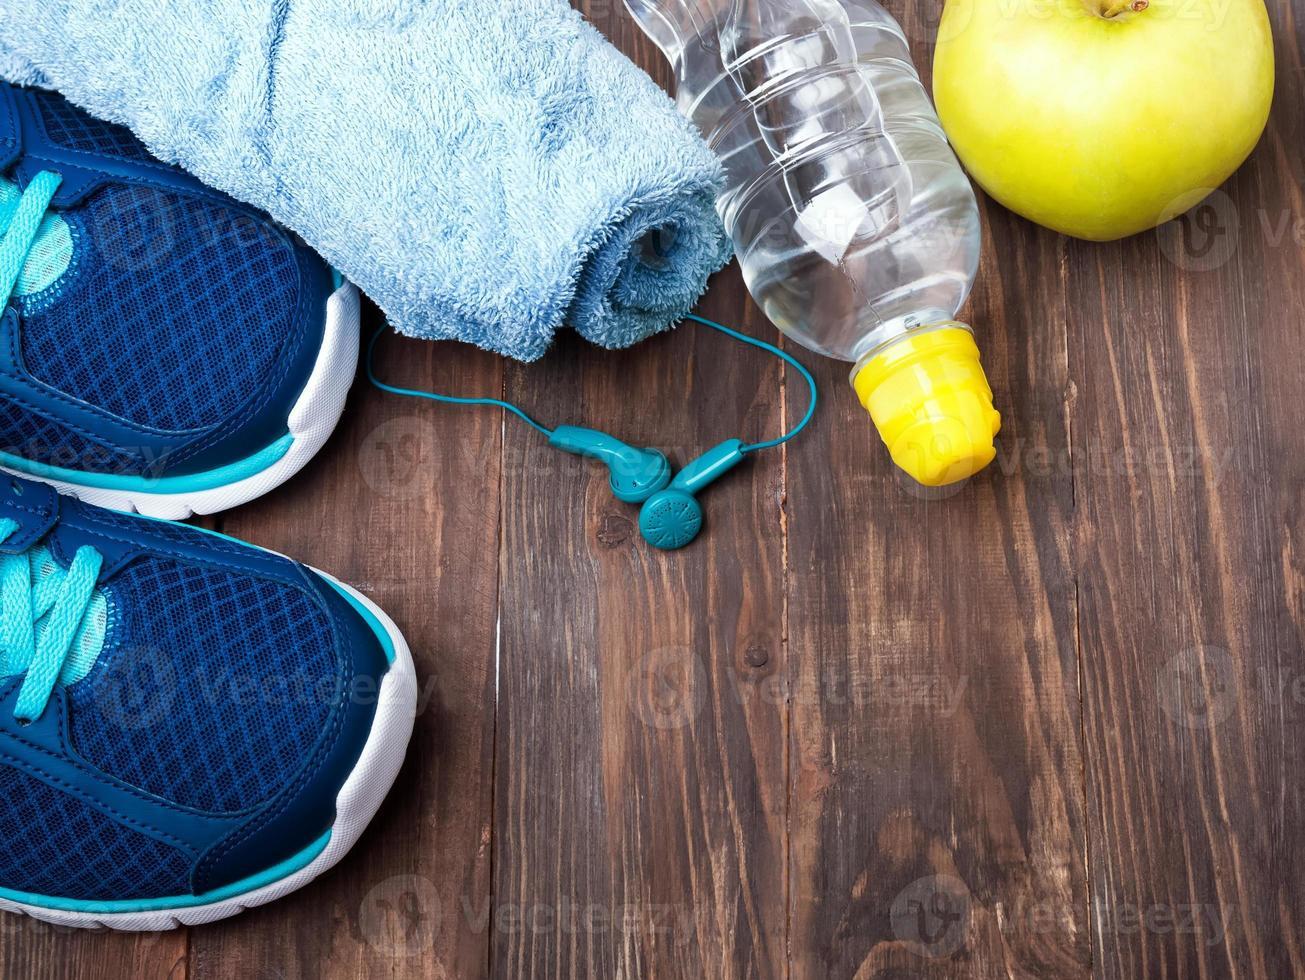 Turnschuhe, Wasser, Handtuch und Kopfhörer auf dem hölzernen Hintergrund foto